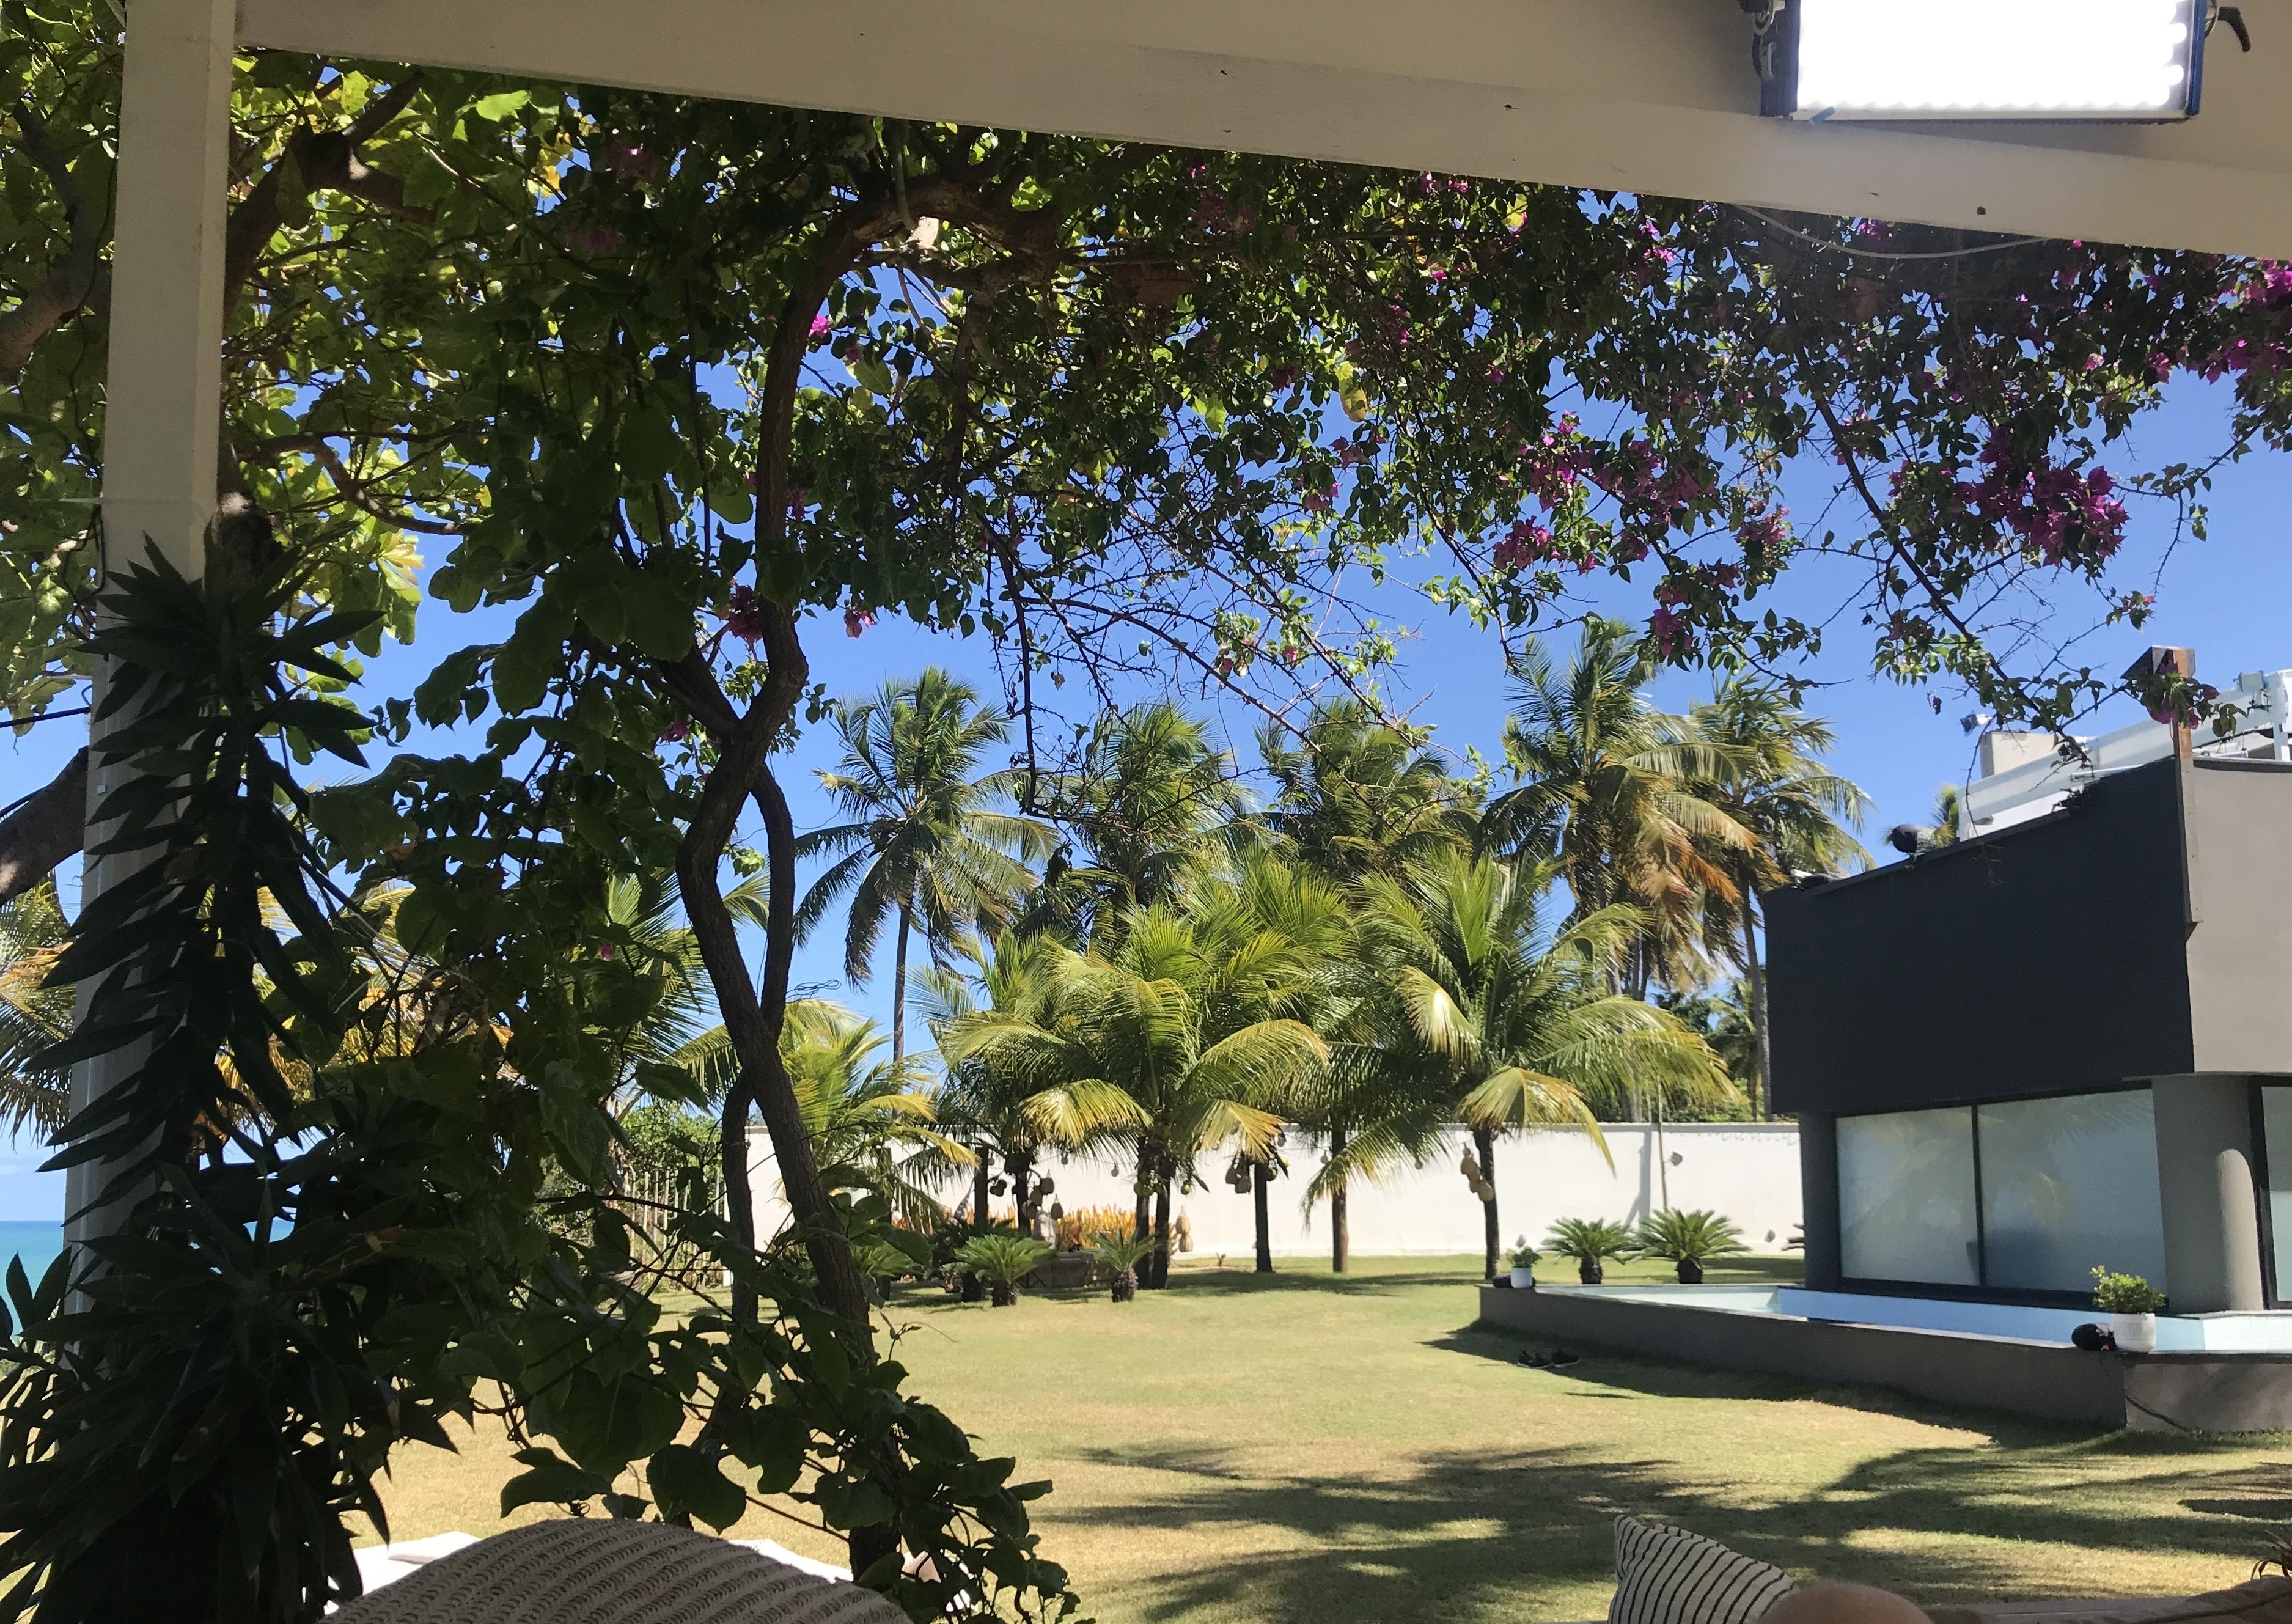 Her ses resten af haven og de mange opholdssteder, som der kan findes udenfor. Der er utallige steder hvor at de private samtaler kan foregå eller steder hvor at solens stråler kan slikkes på de smukke deltagere. Så smukke og flotte omgivelser er endnu ikke set før i 'Ex on the Beach'.